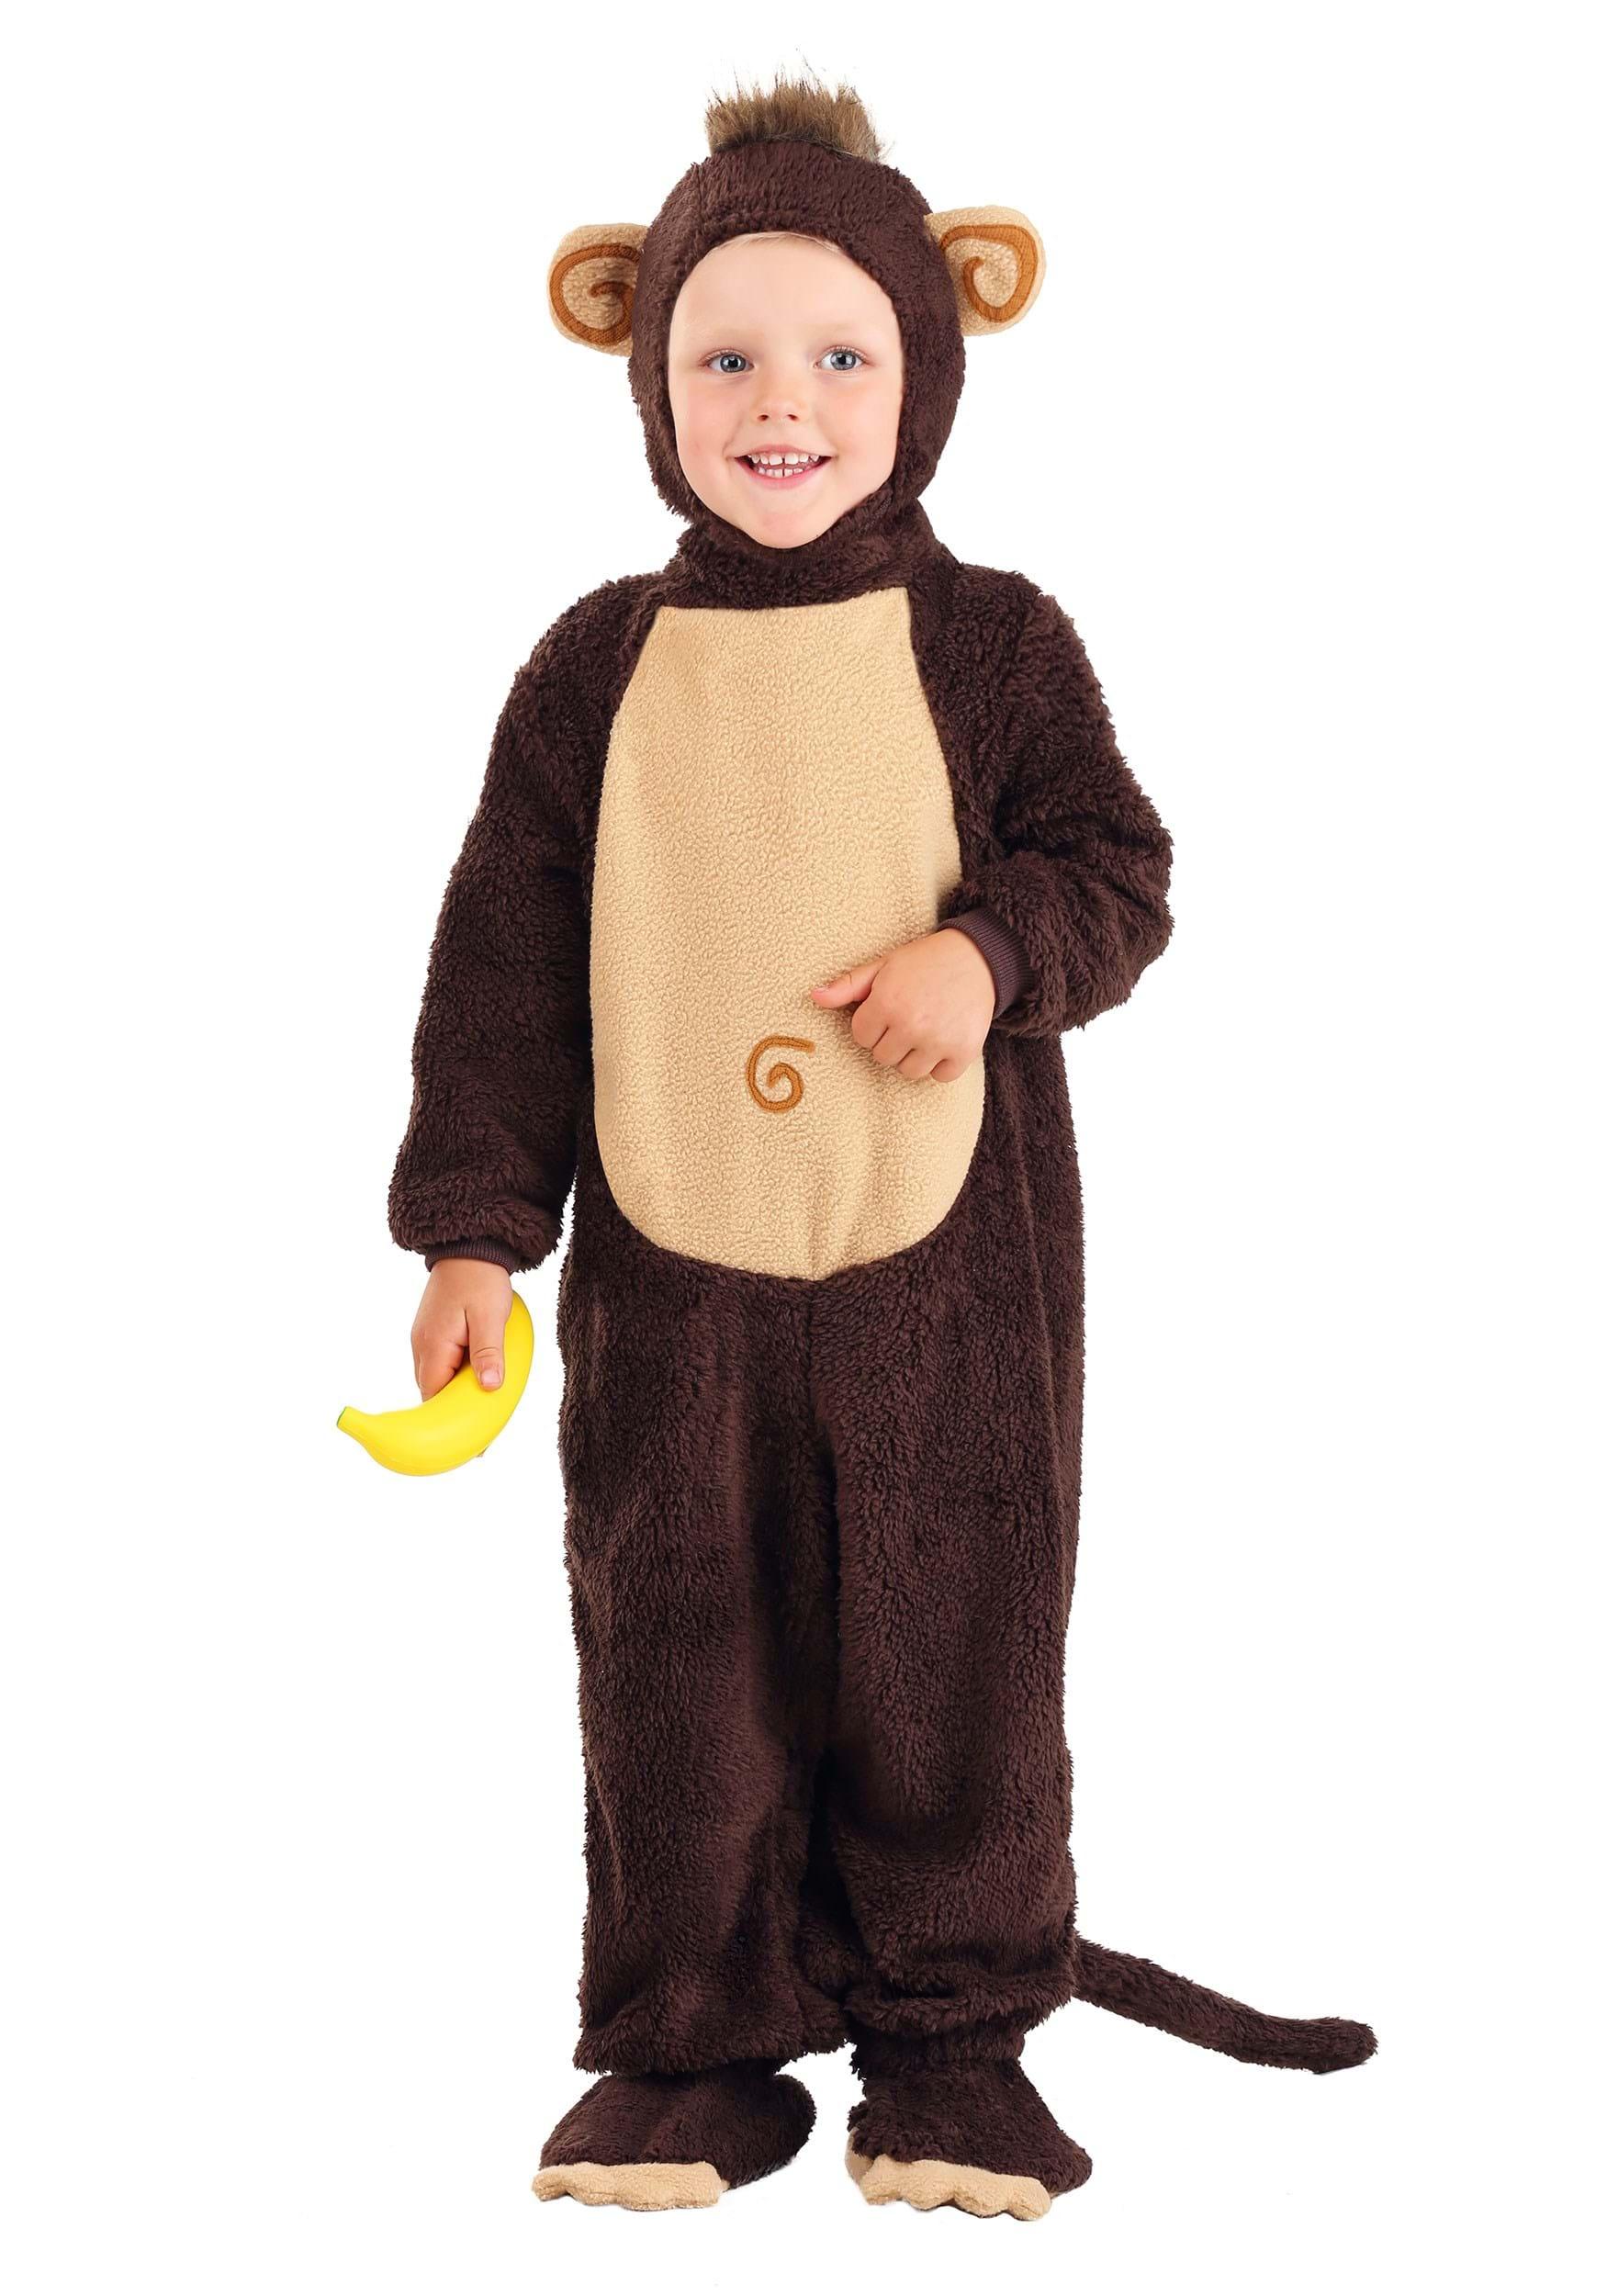 Infant Monkey Costume - Baby Monkey Costumes - photo#35